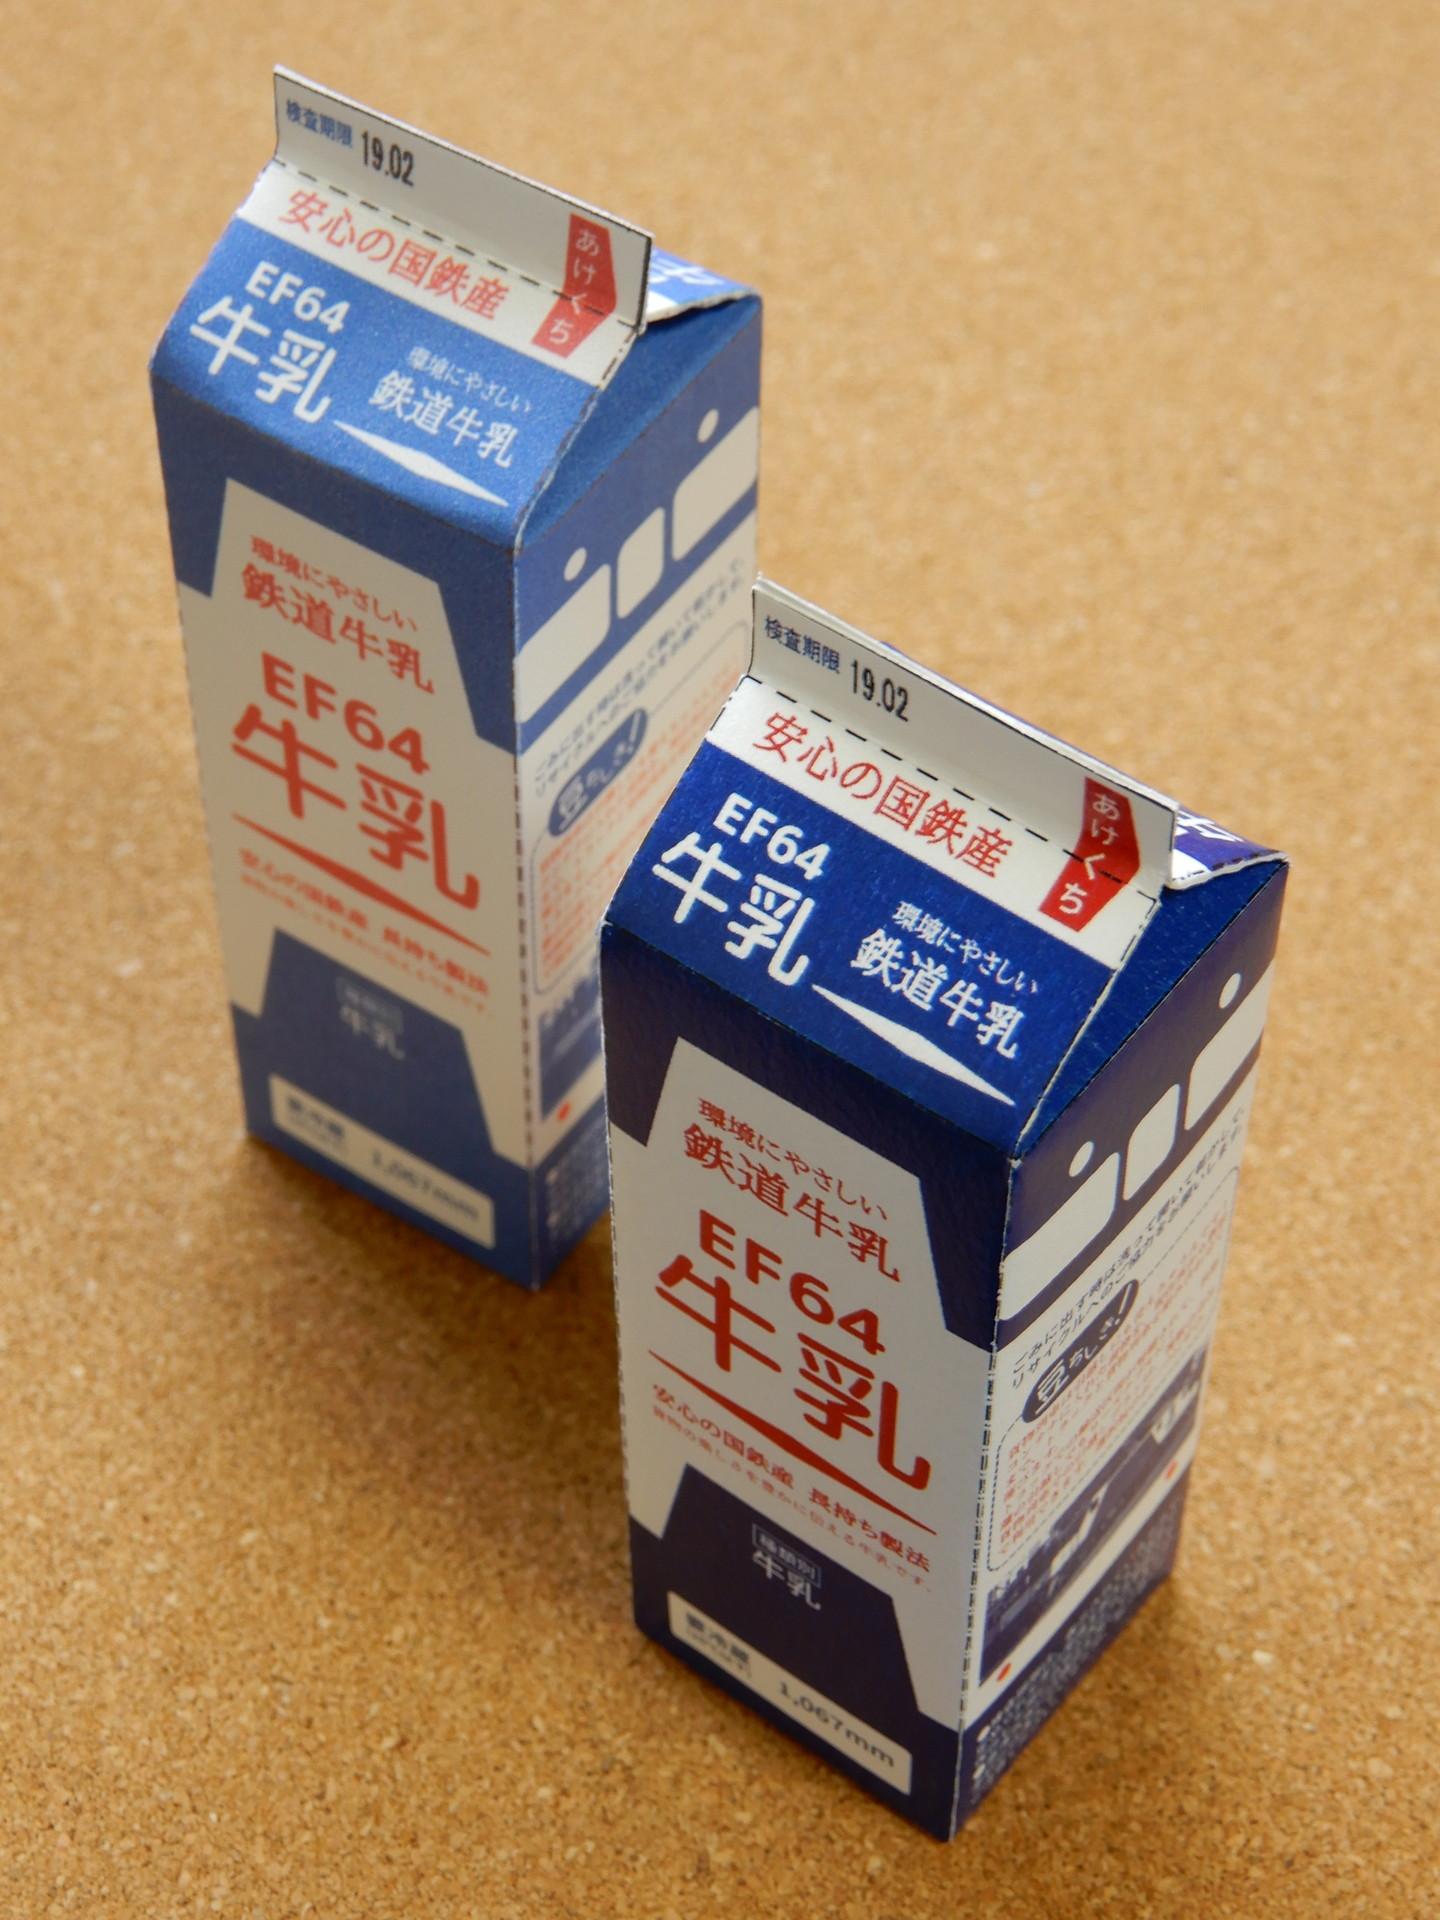 EF64形貨物バージョン